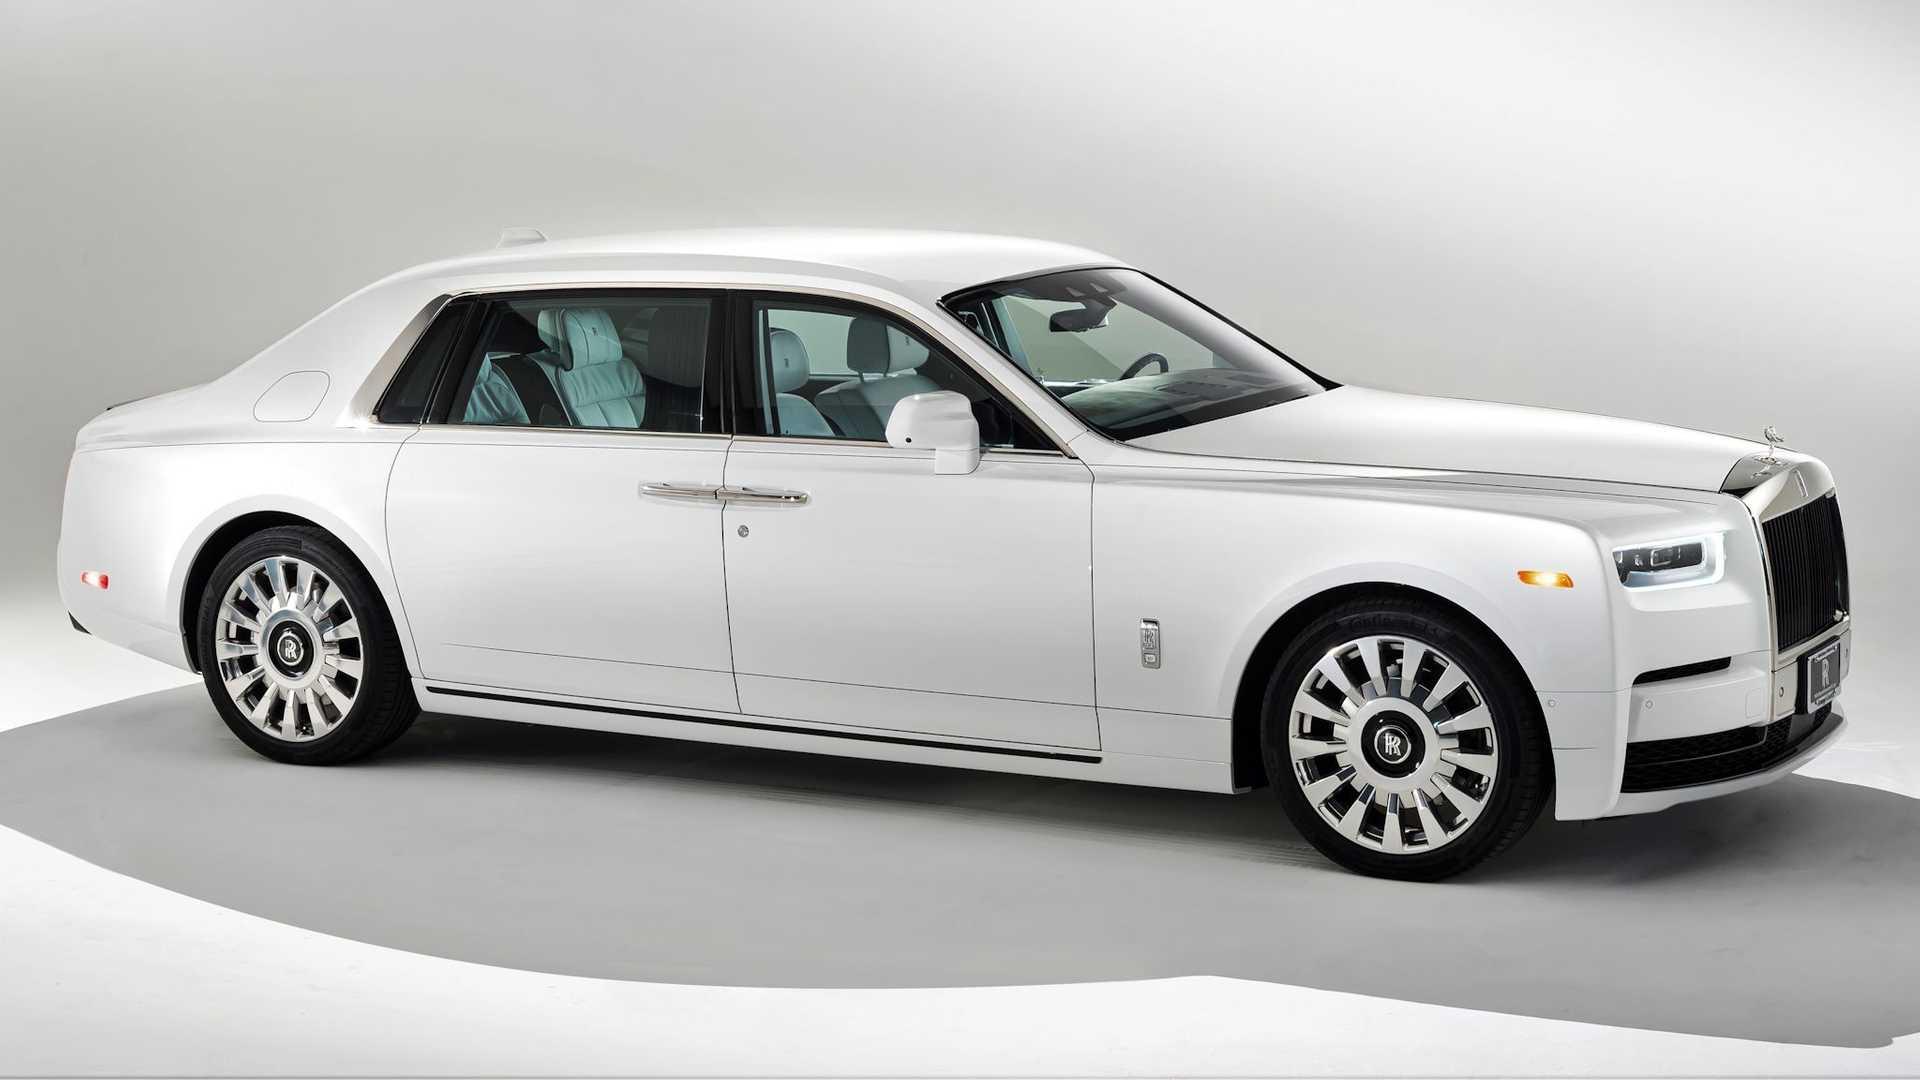 Bộ-đôi-Rolls-Royce-cá-nhân-hóa-kỷ-niệm-dịp-đặc-biệt-của-chủ-nhân (10).jpg